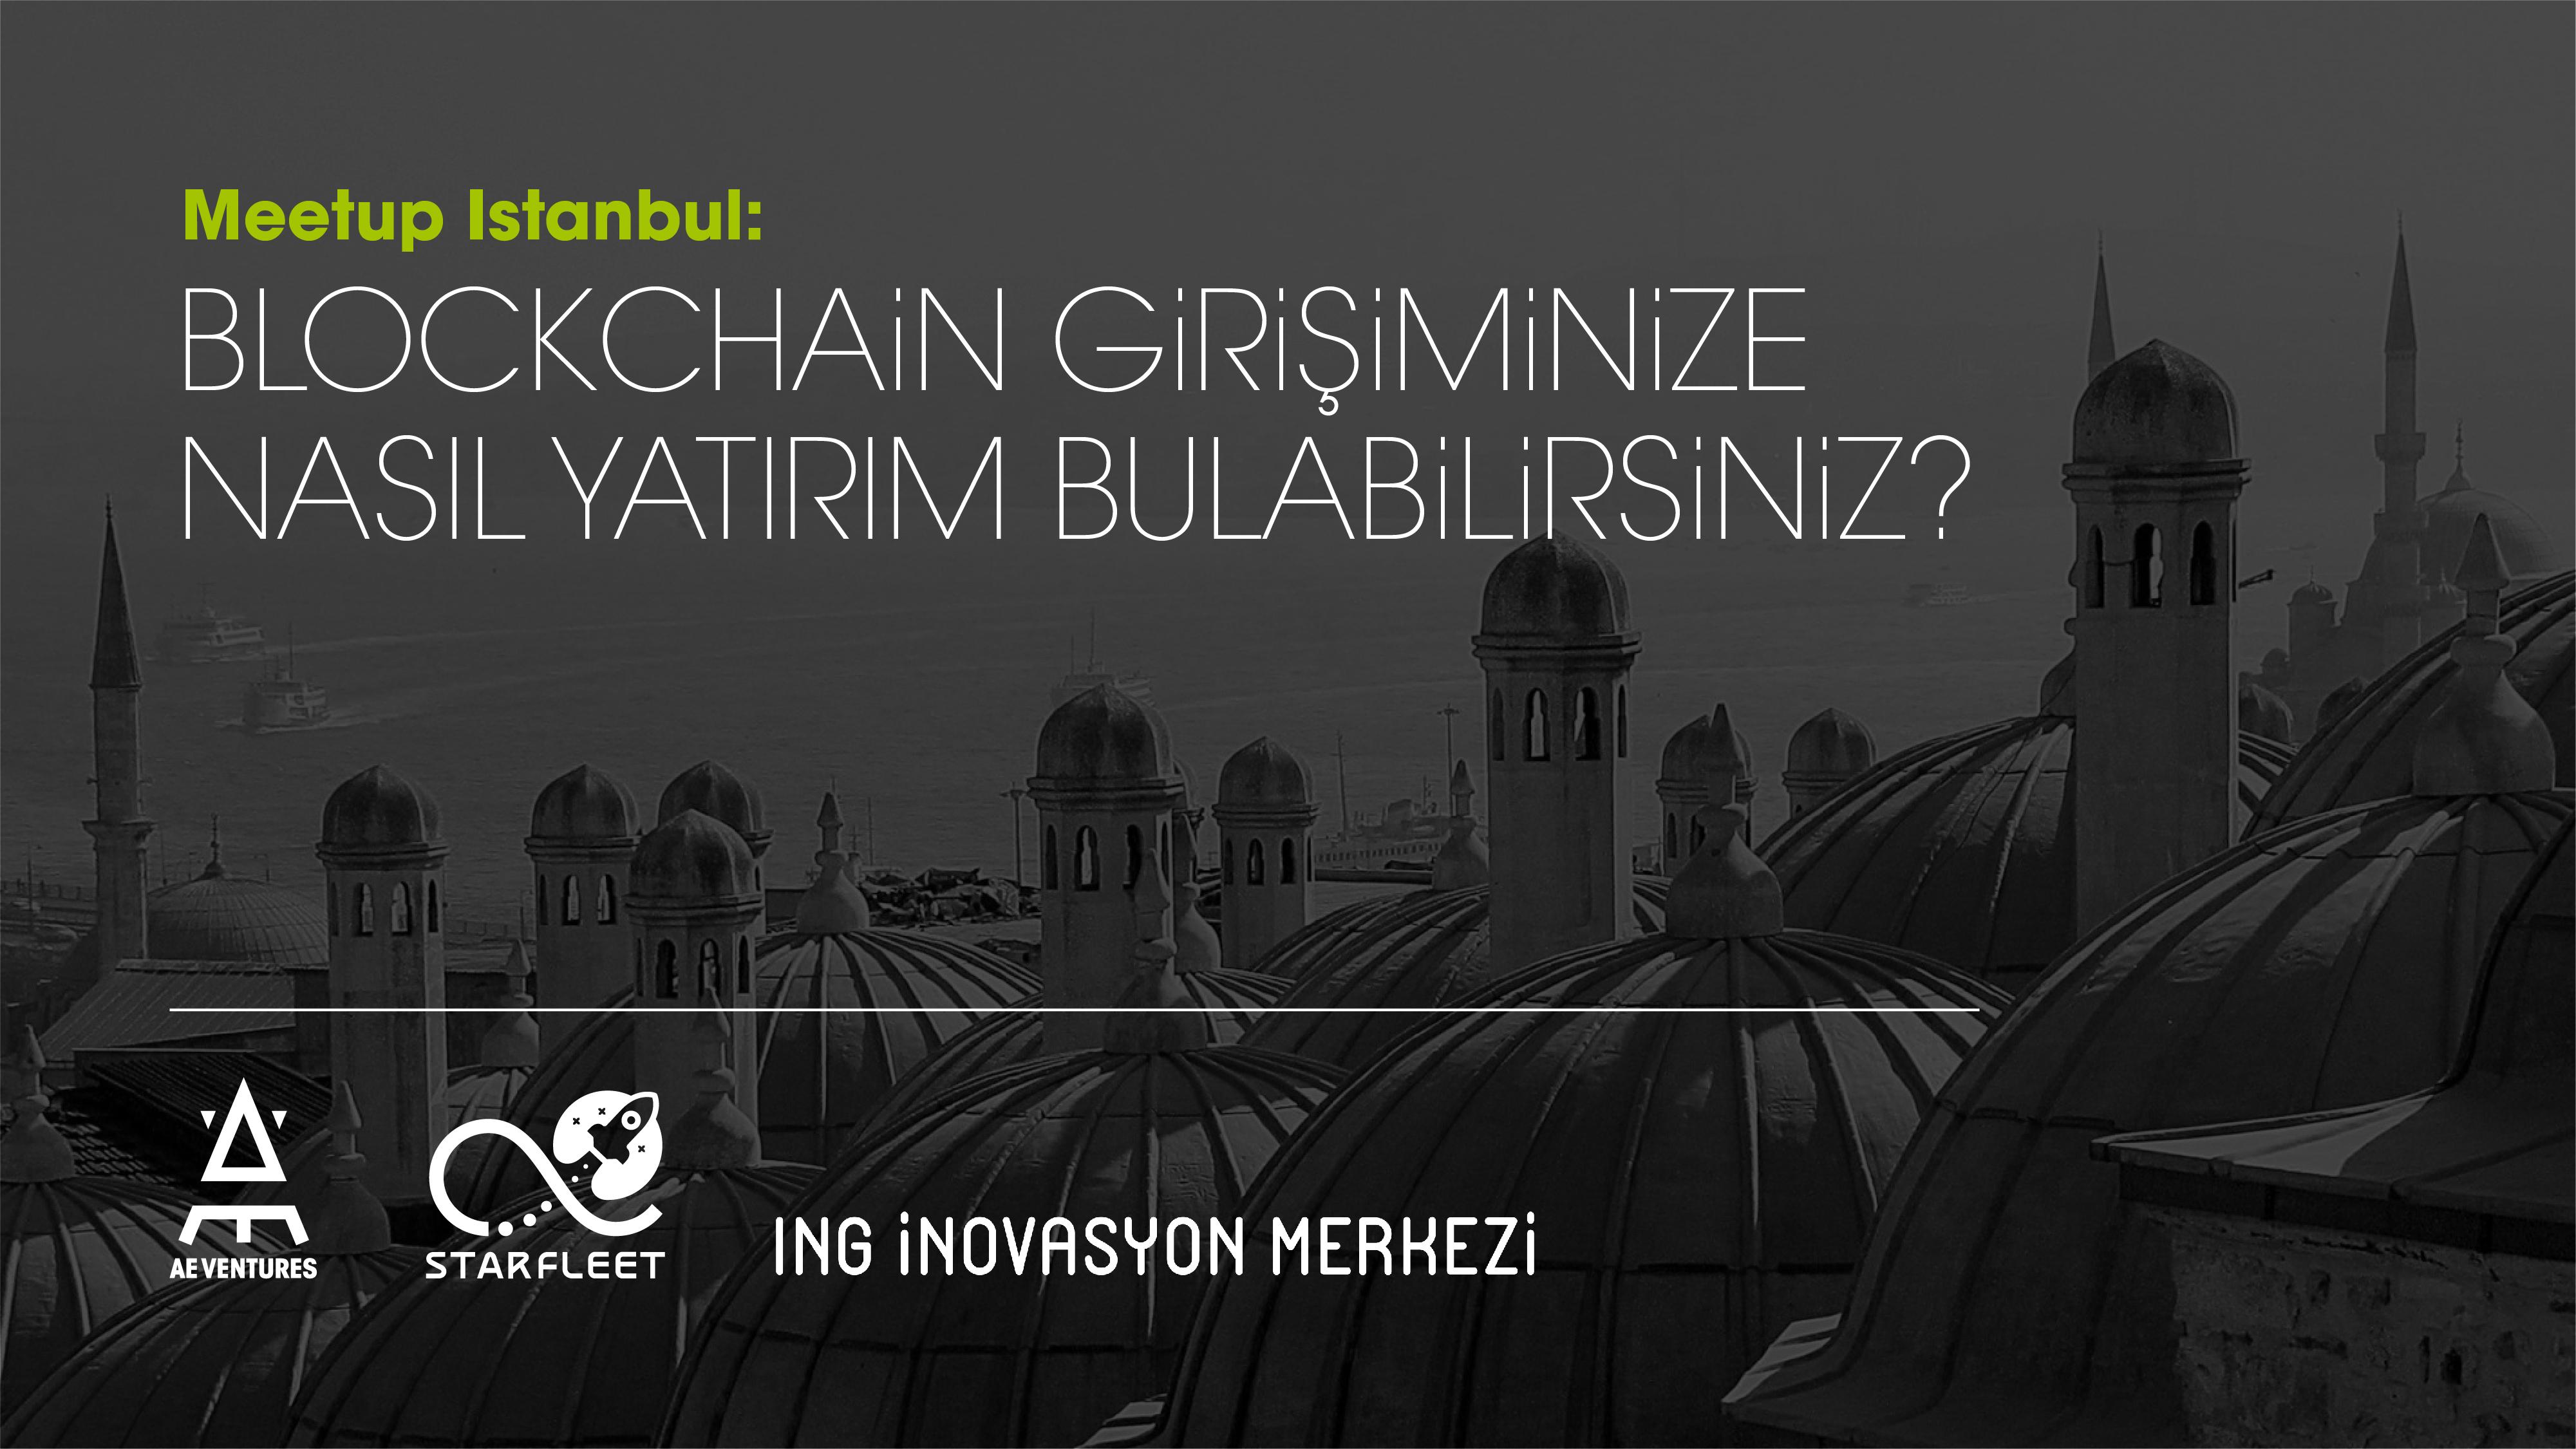 AE Ventures'ın ilk İstanbul buluşmasına tüm blockchain meraklıları davetli!